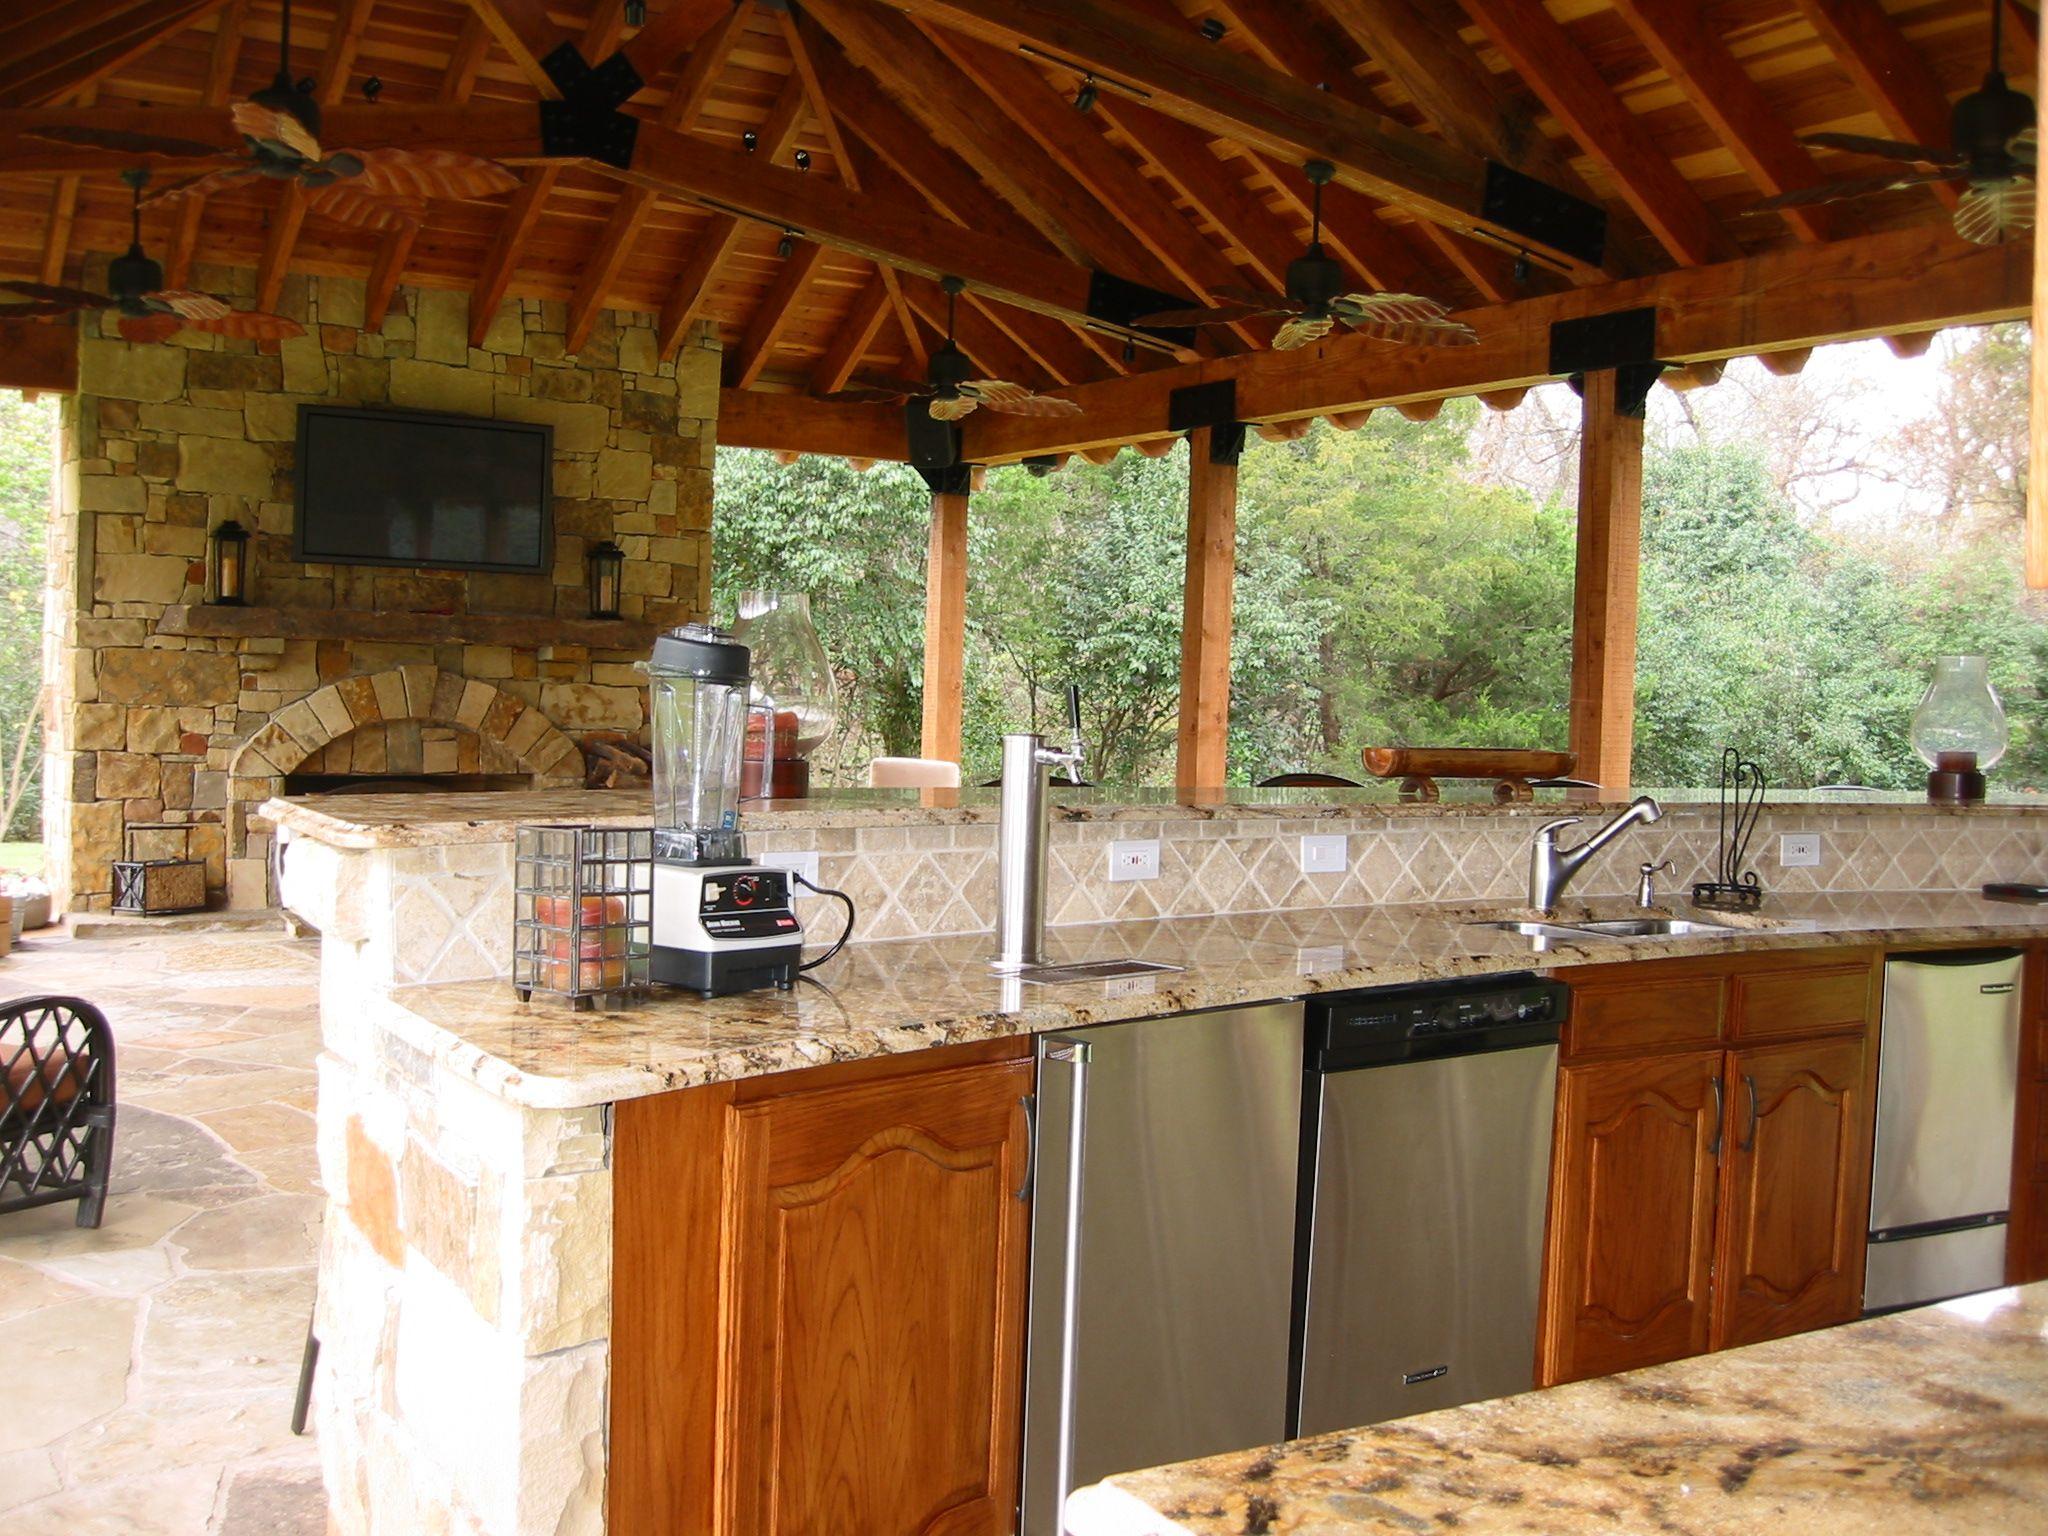 Texas Regional Design Cocina Exterior Casas Coloniales Cocinas